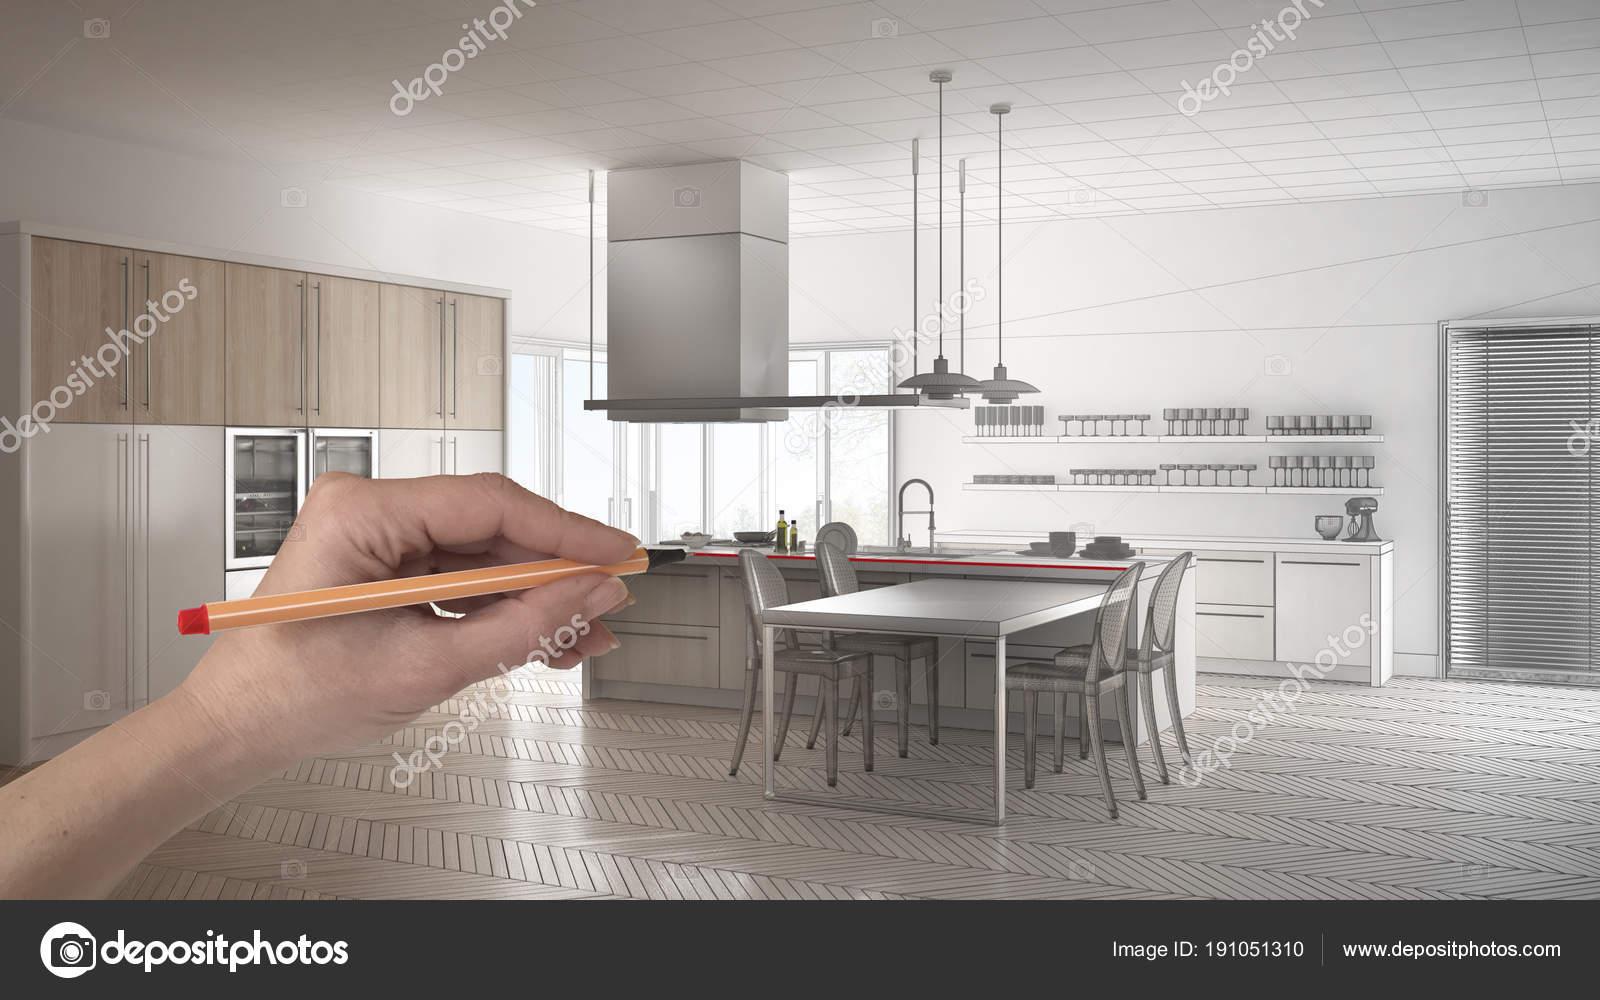 M O De Desenho Personalizada Minimalista Branca E De Madeira Cozinha